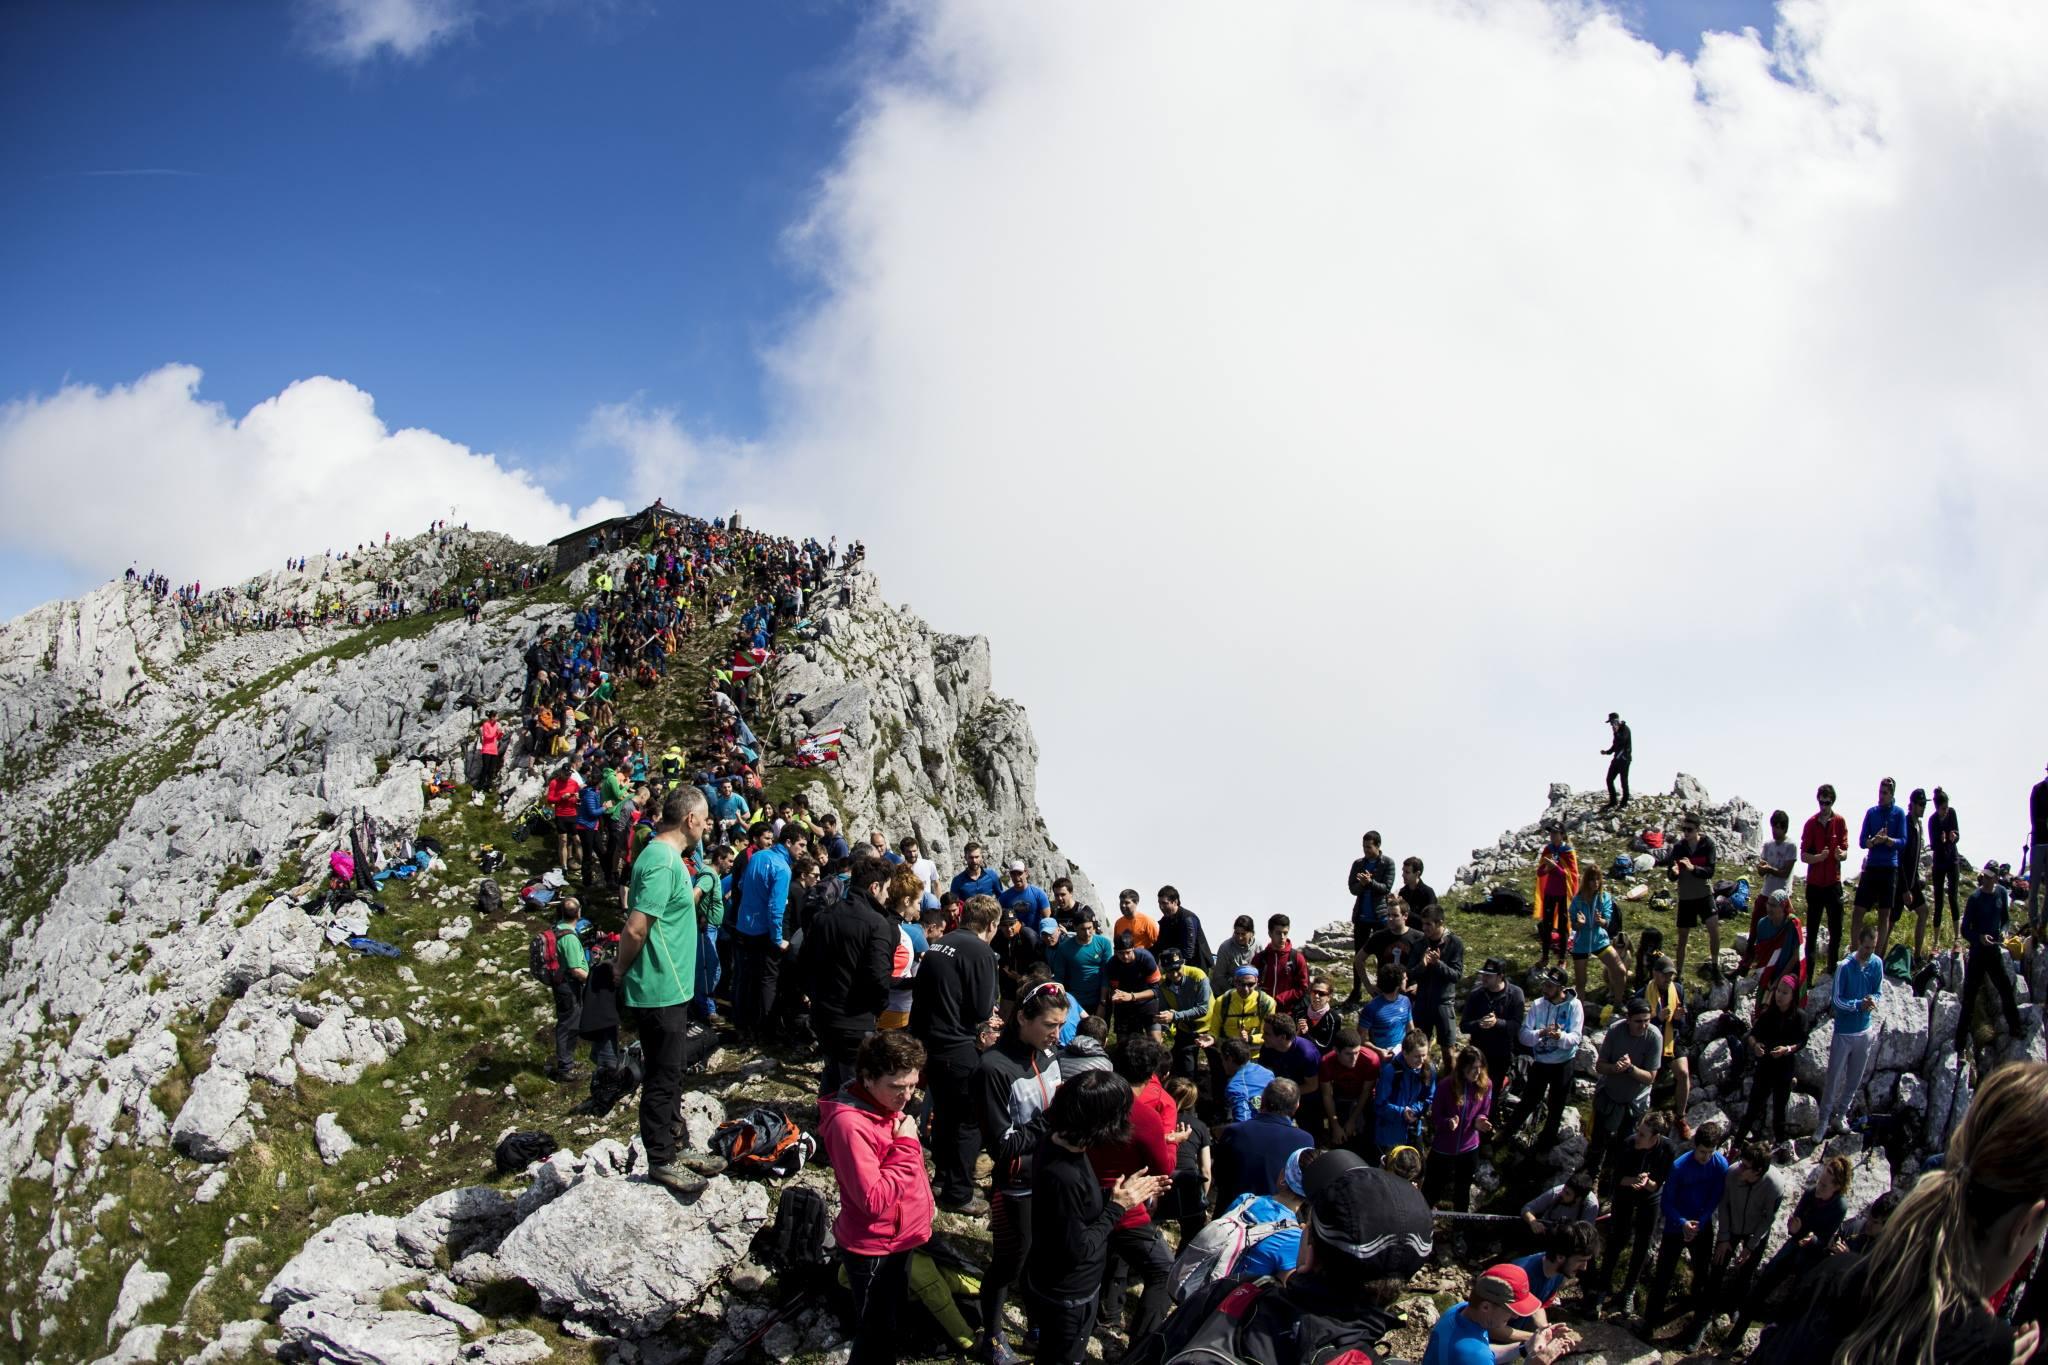 今年も世界中から大勢の観客がゼガマの山に集まった ©Columbia Montrail / Sho Fujimaki